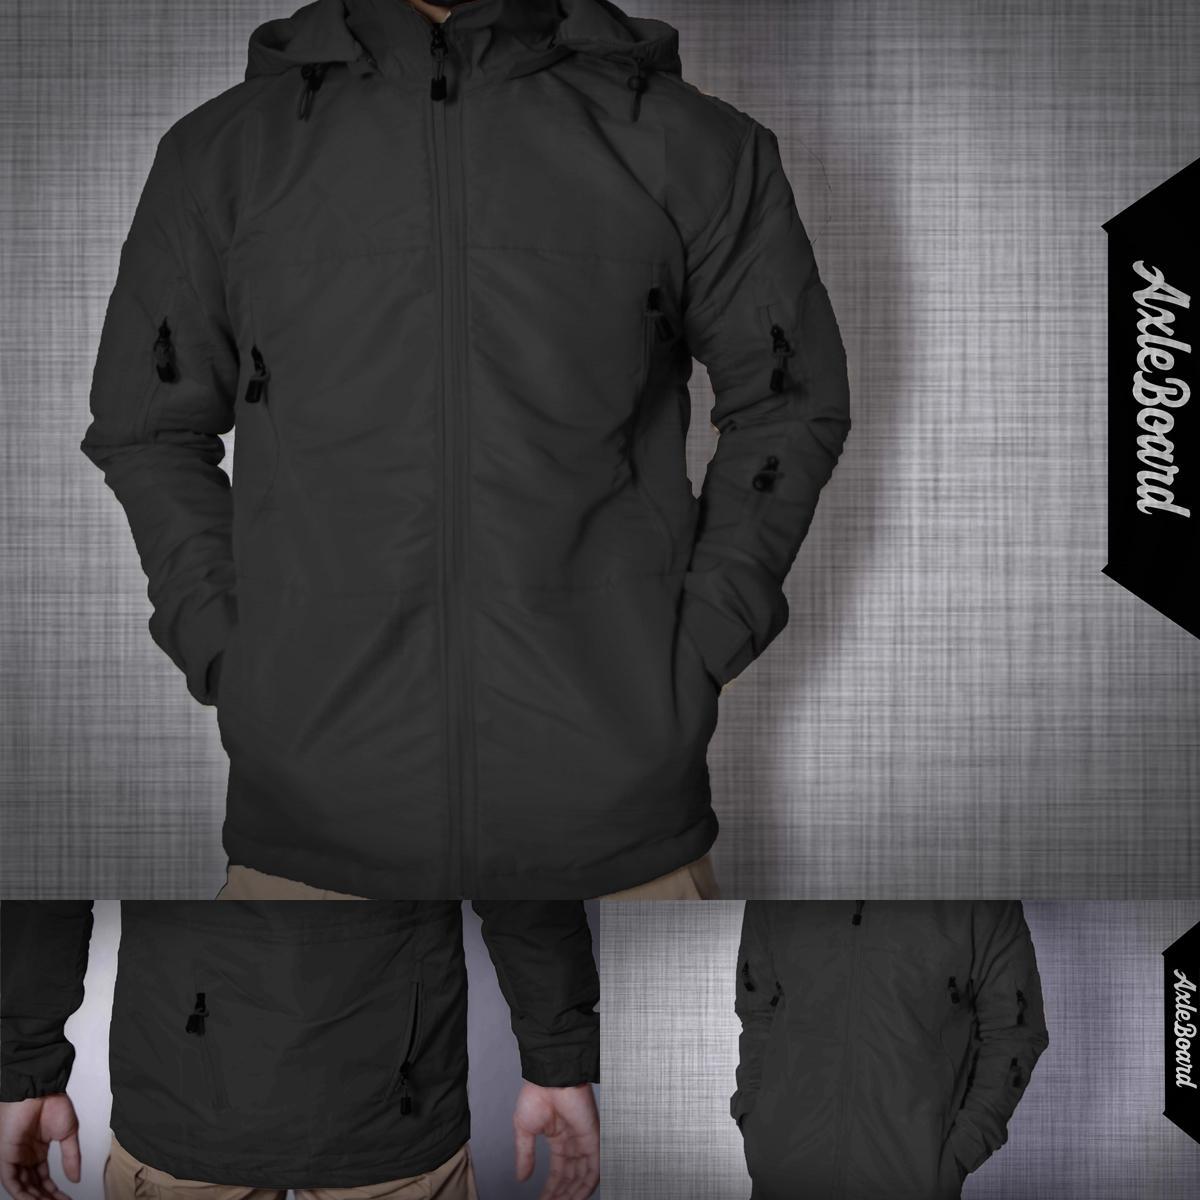 Jacket TAD Gear jaket pria casual jaket waterproof jaket anti air warna hitam bahan taslan axlestore